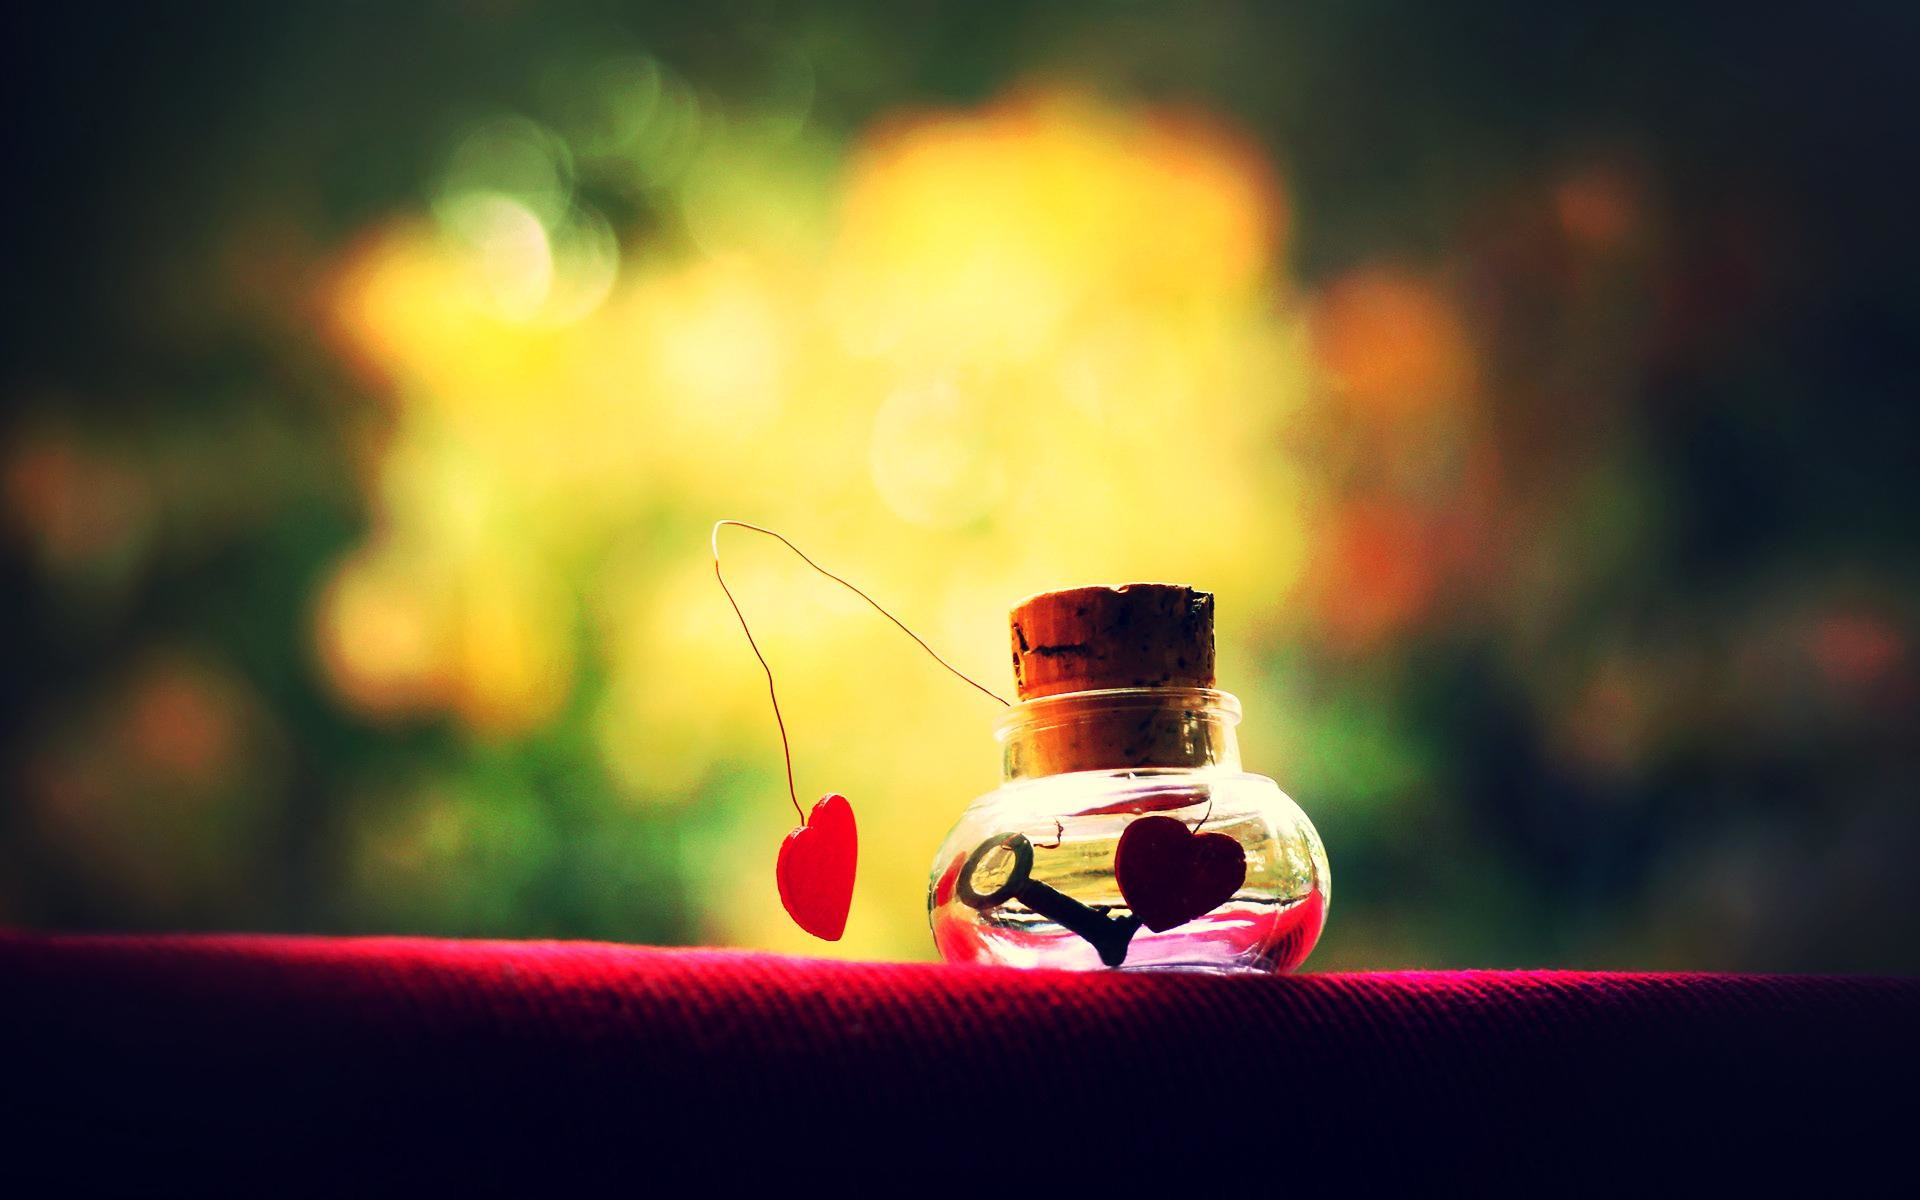 Cute Love Wallpaper Full HD Facebook Mobile Tumblr Cute Animated 1024×768 Cute  Love Wallpaper